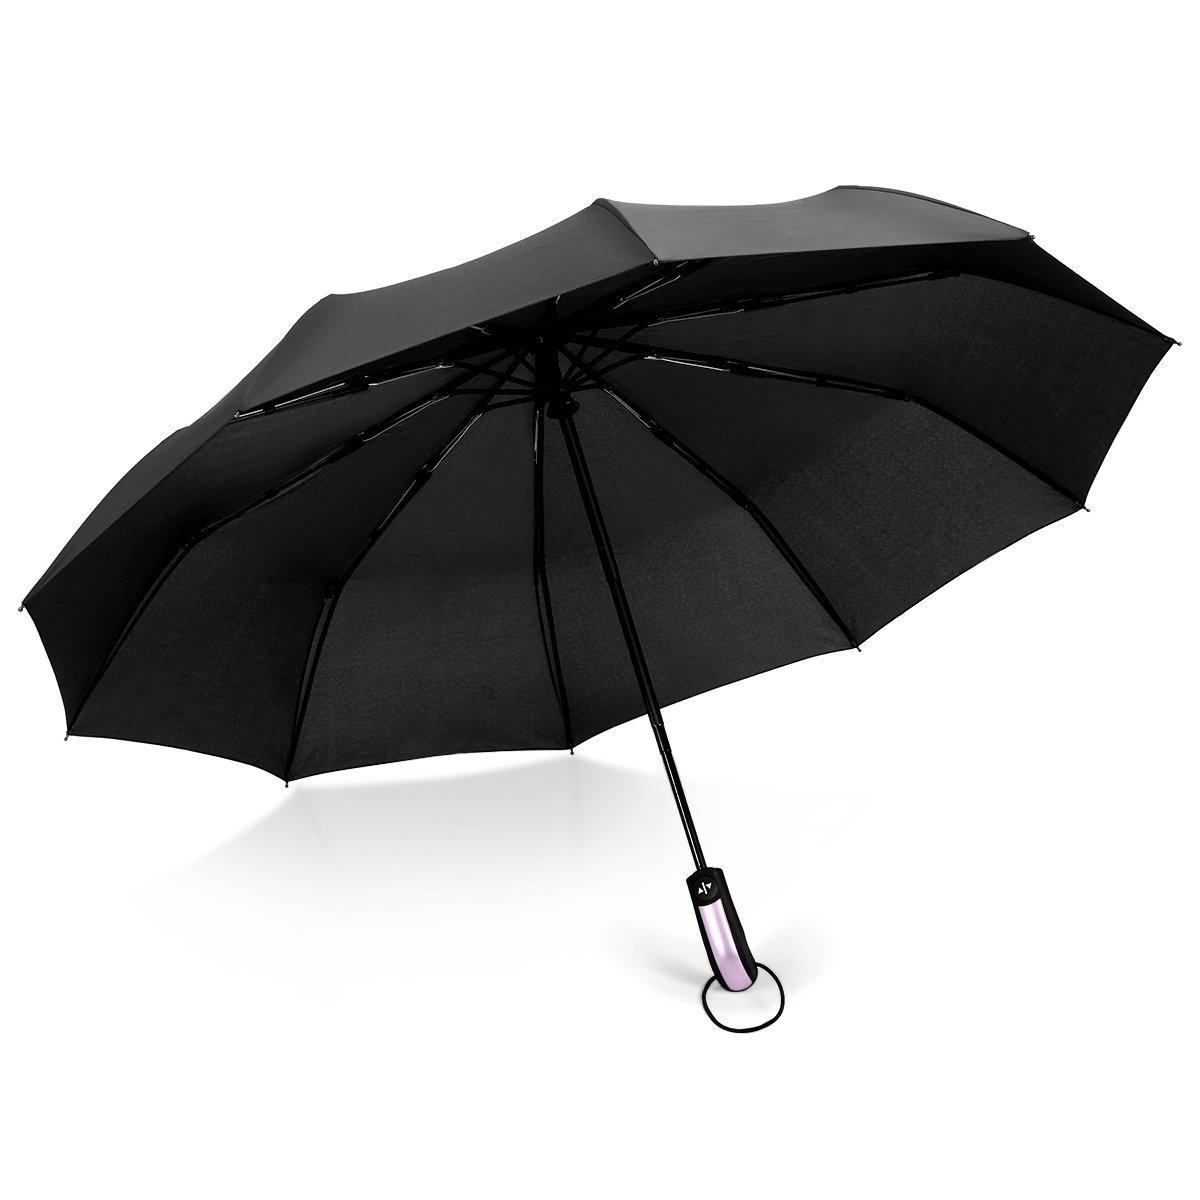 Paraguas Plegable, Proking Sombrilla a Prueba De Viento (60 MPH) Paraguas De Viaje Compacto Automático Paraguas Abierto,Azul Marino Compacto Resistente Al Viento Paraguas(azul marino)